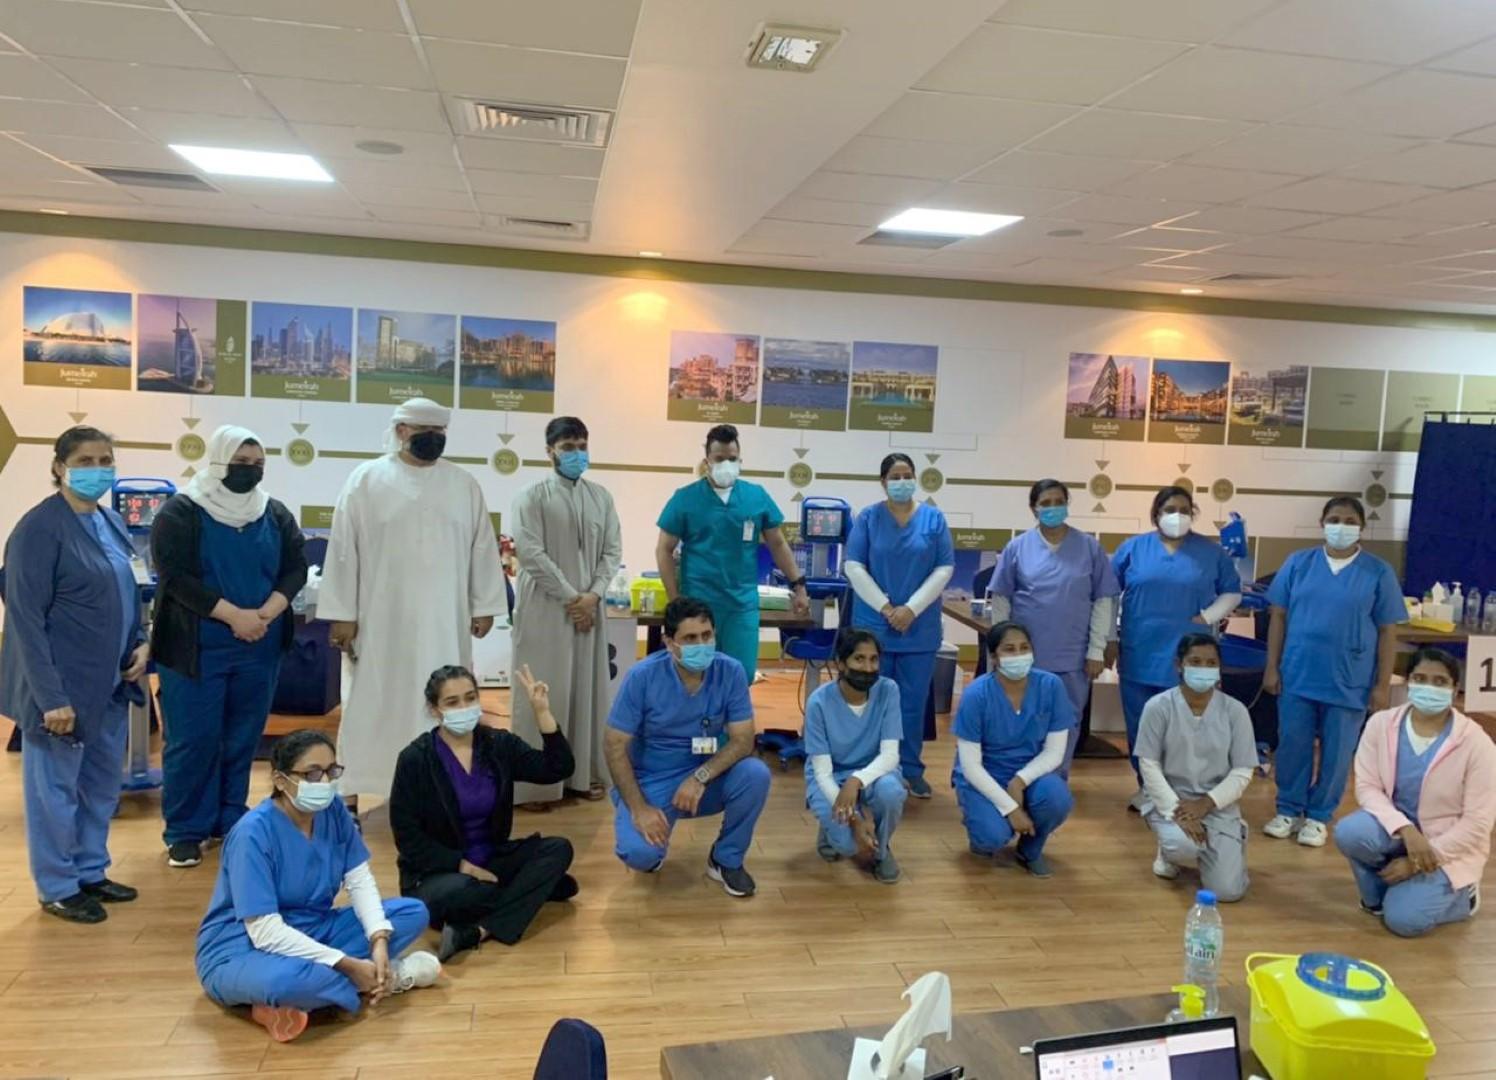 دبي للسياحة تُشرف على تطعيم موظفي كافة فنادق النخلة جميرا